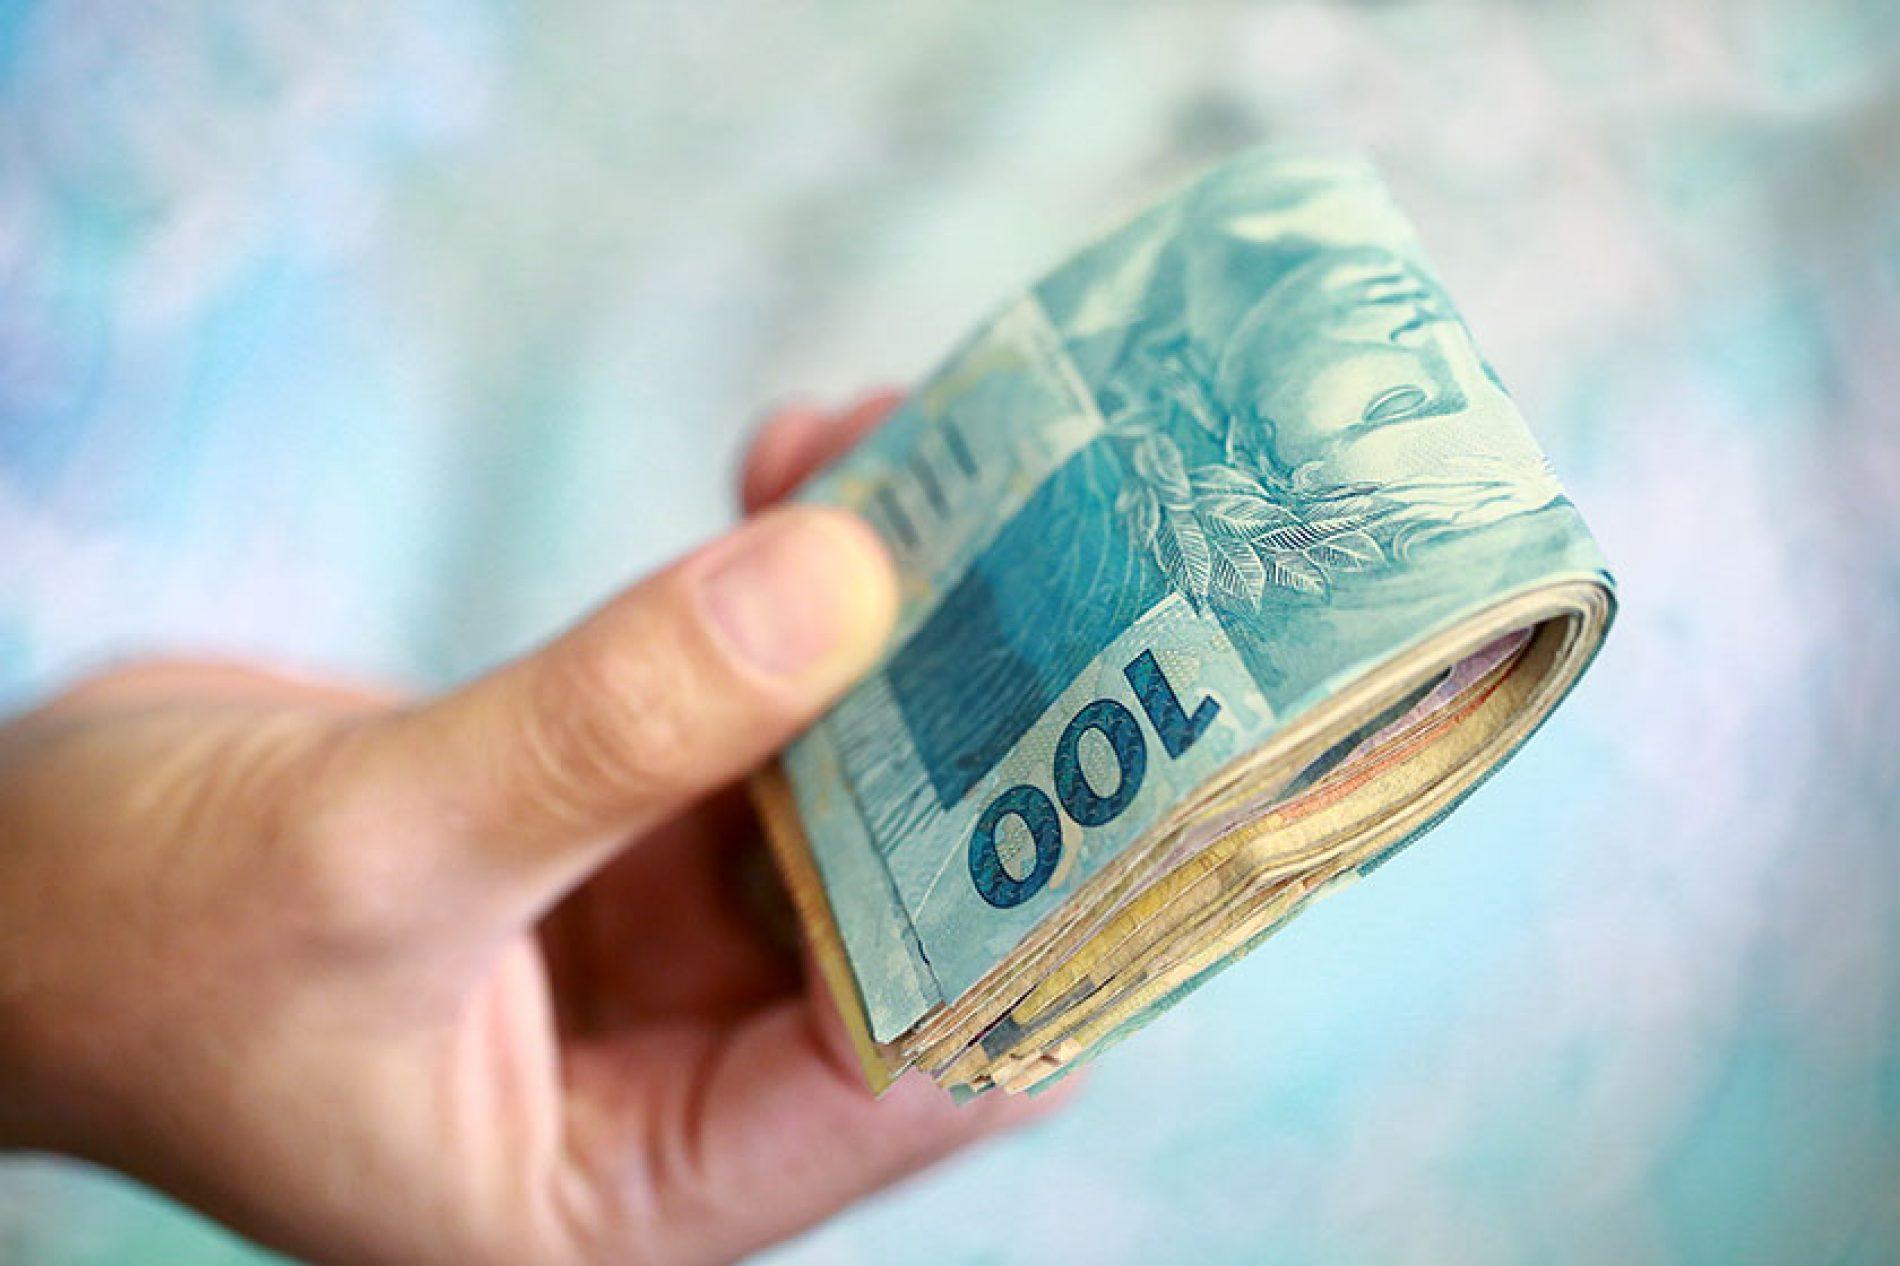 Governo pagou R$ 23,2 bilhões de bônus a servidores federais